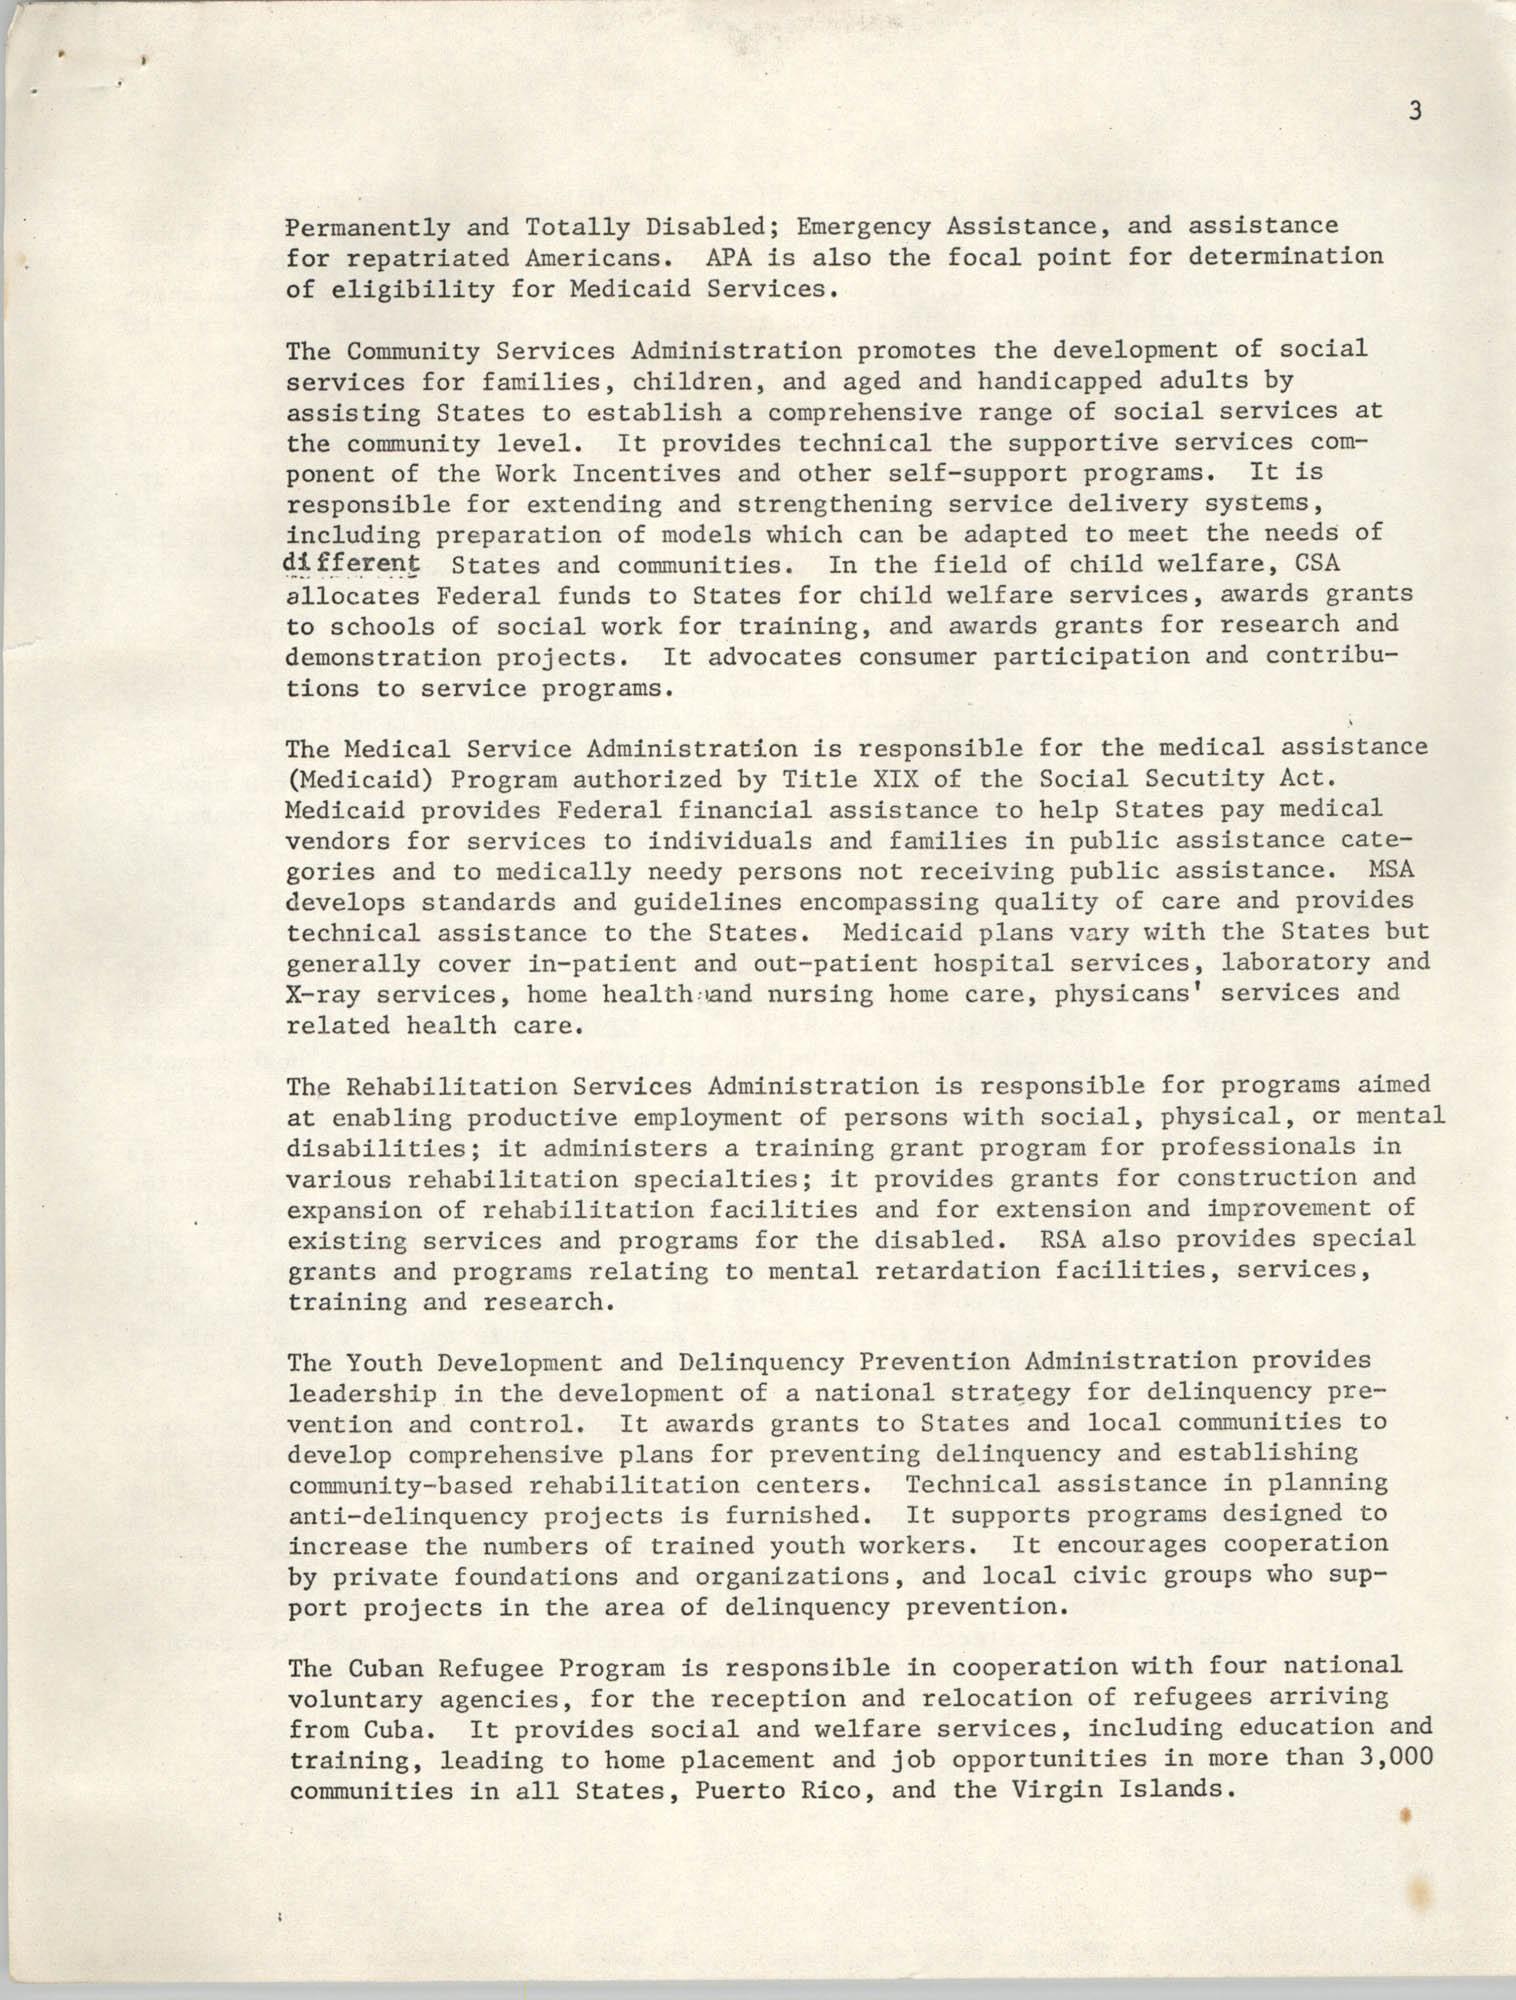 SHARE, Volume I, Number 8, April 1973, Page 3